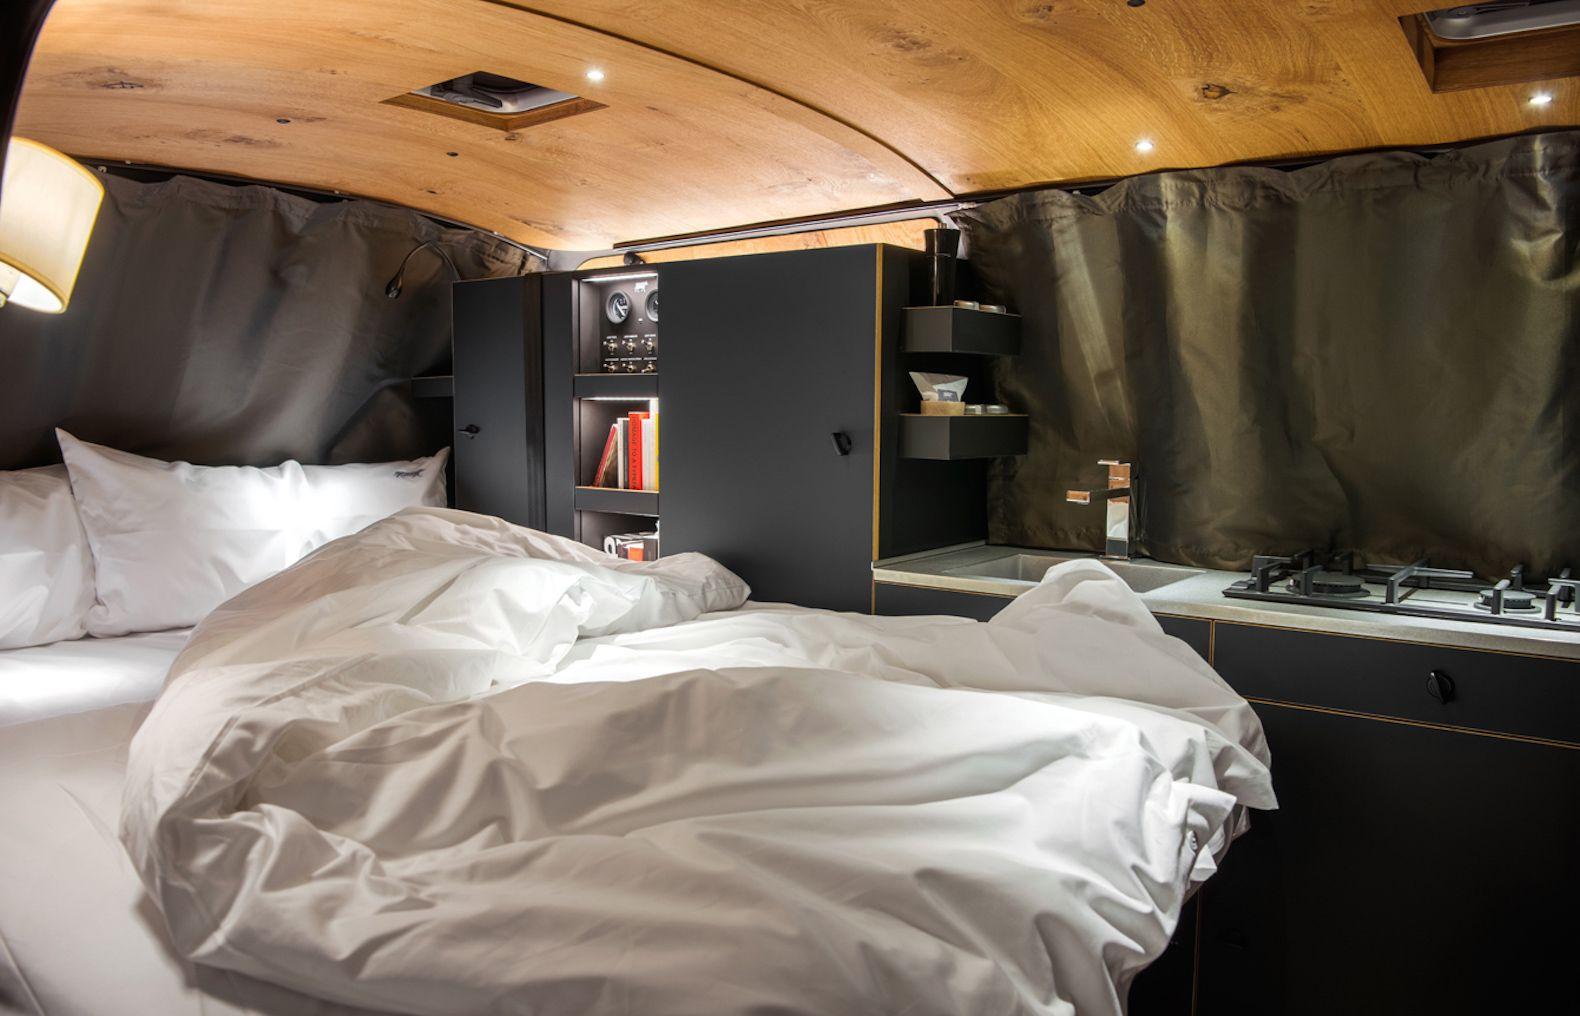 Nondescript Vw Van Hides A Gorgeous And Chic Mobile Home Vw Vans